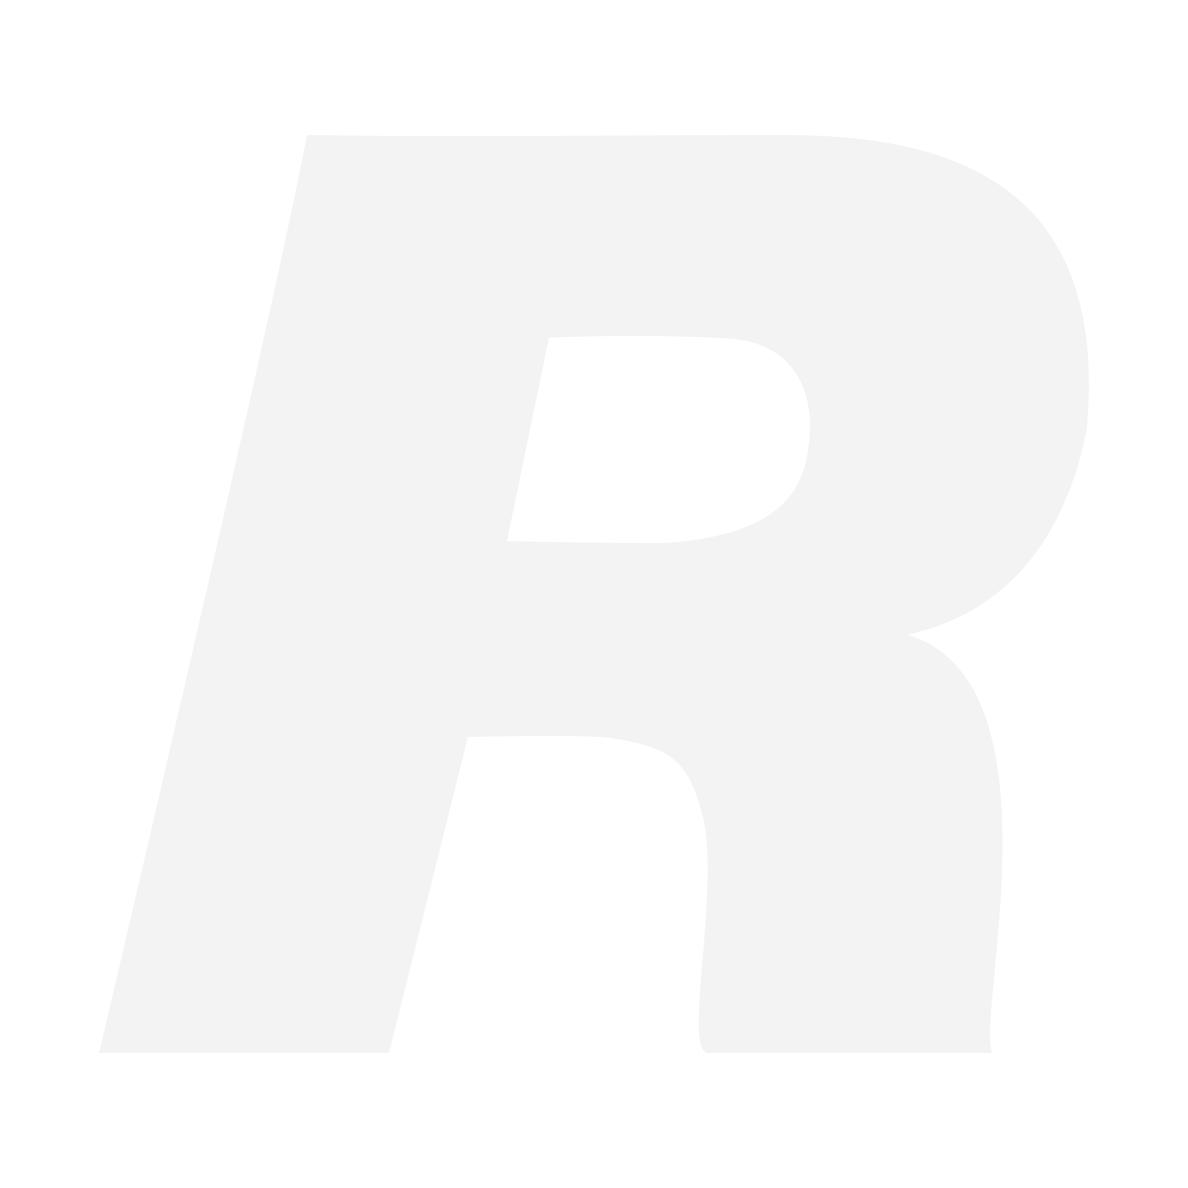 Sony A7R Mark II + FE 28-70/3.5-5.6 OSS + HVL-F60M